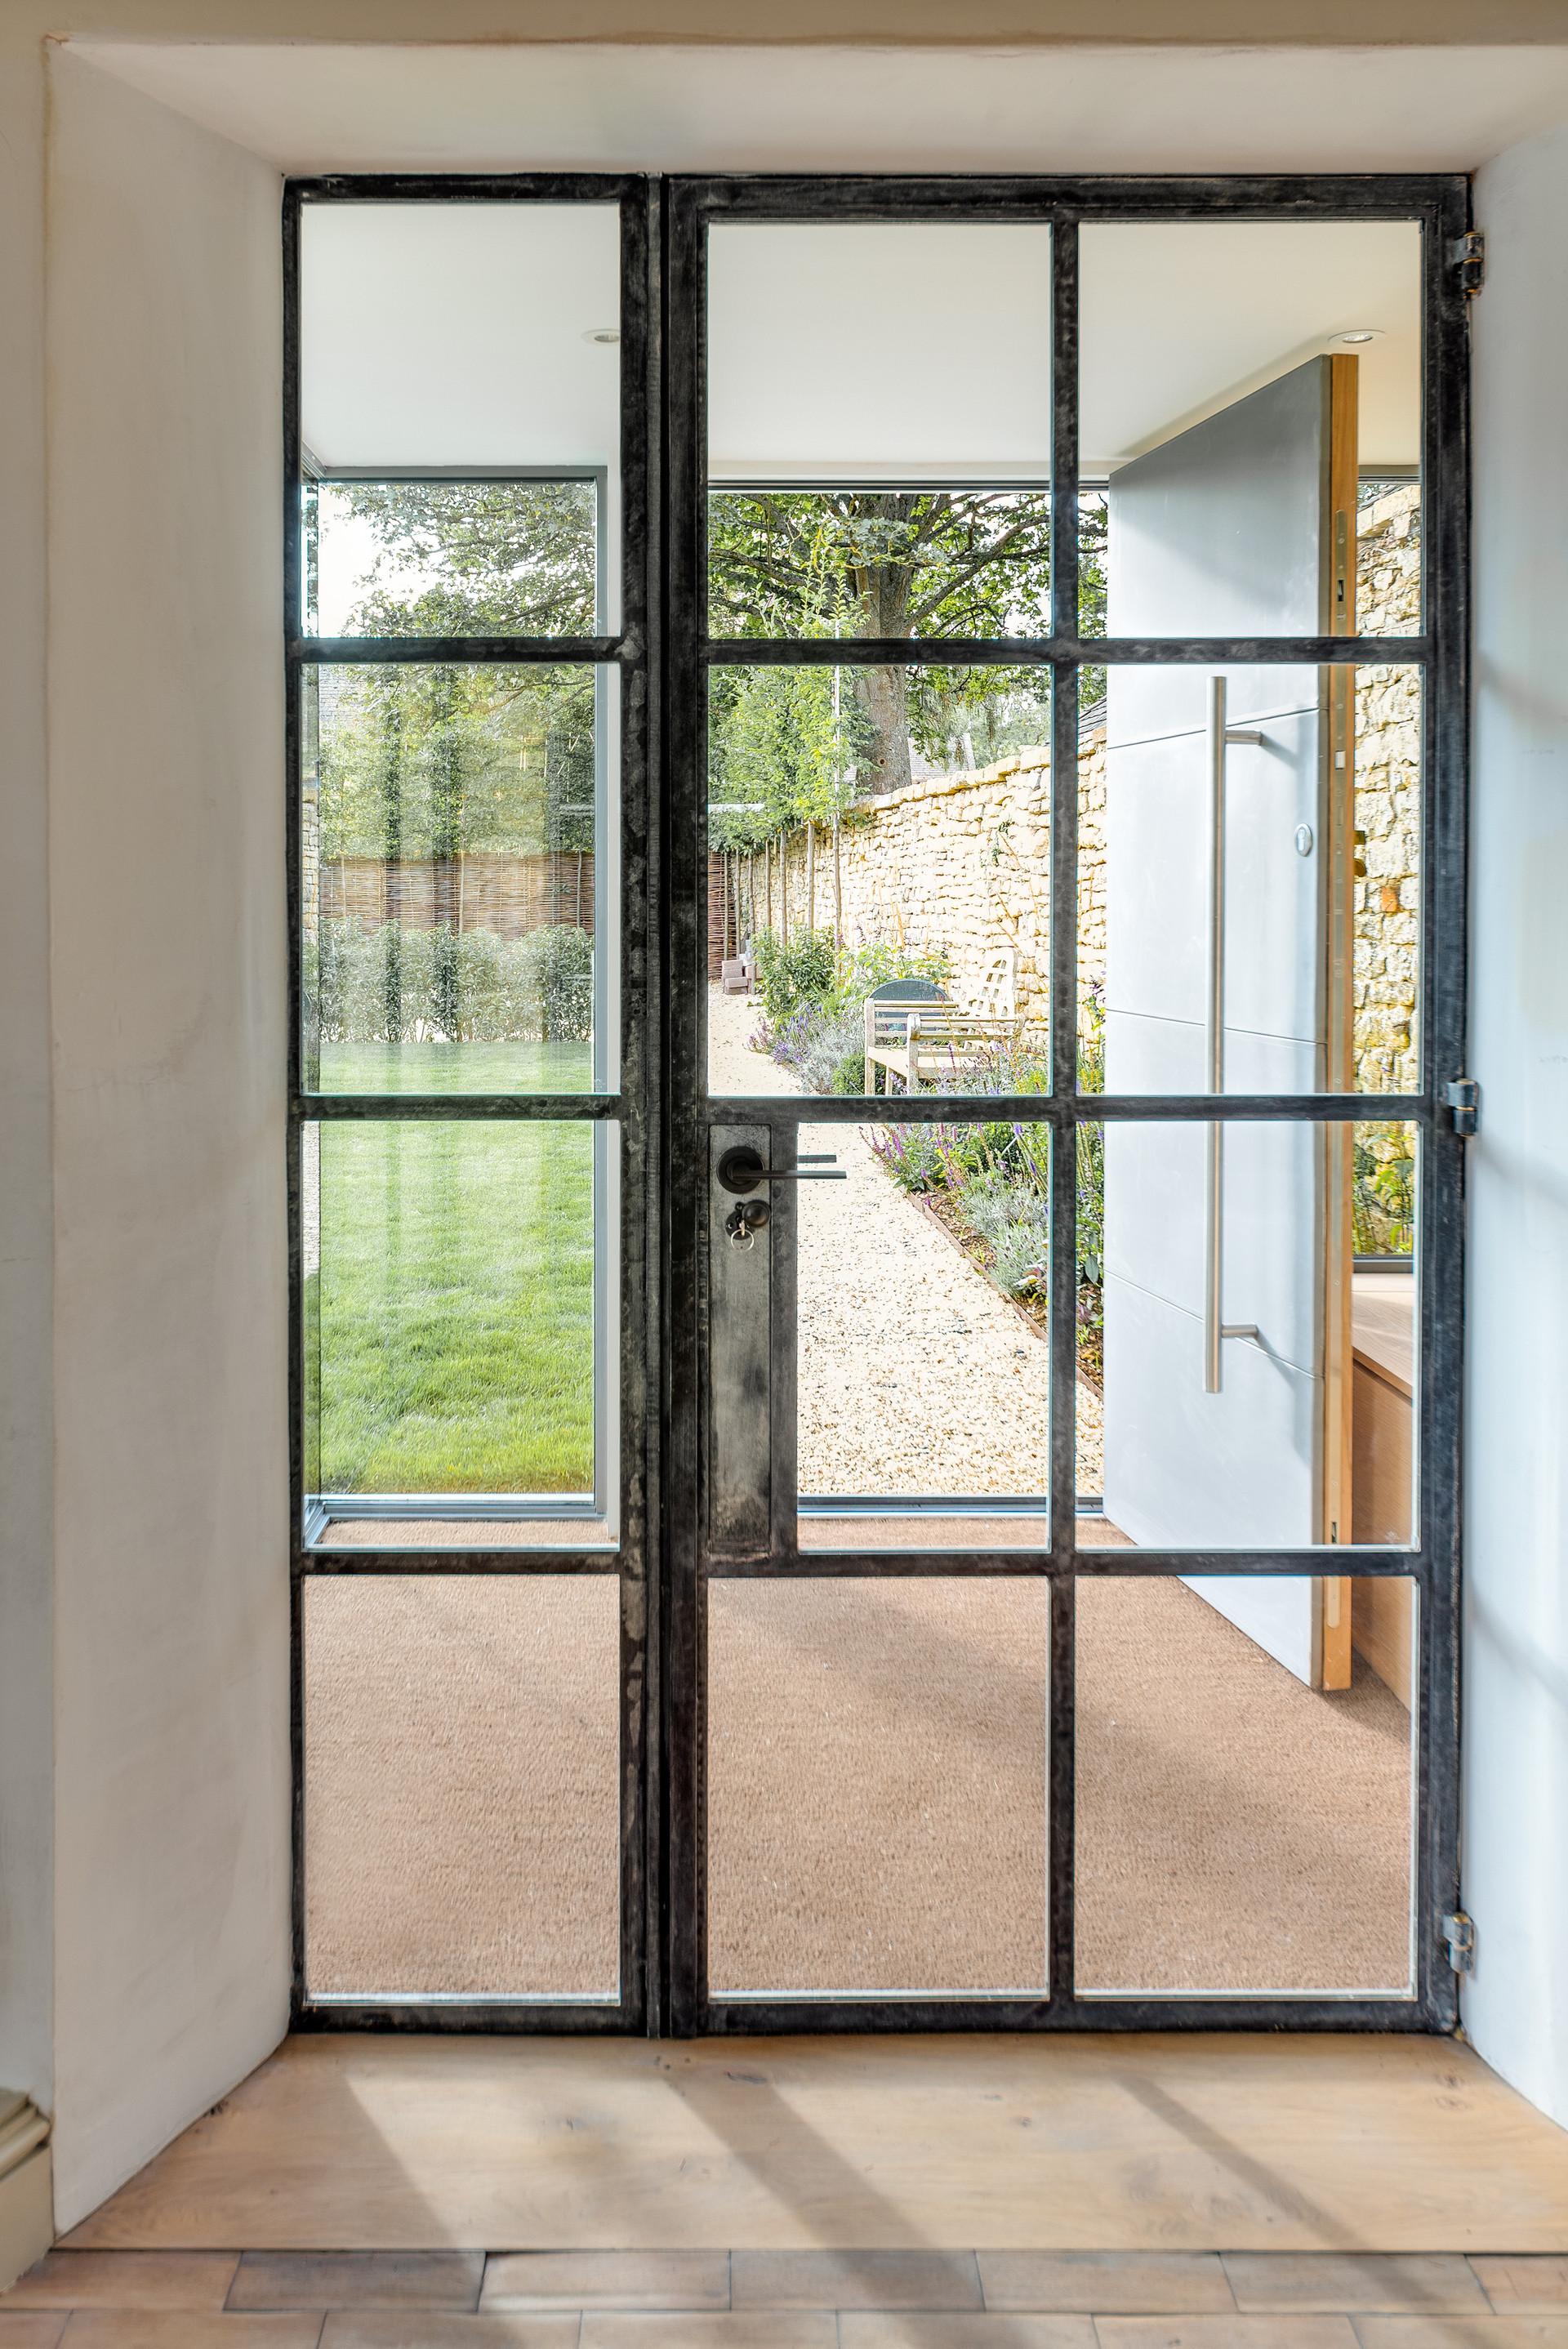 Appletree-interior-5-4406.jpg